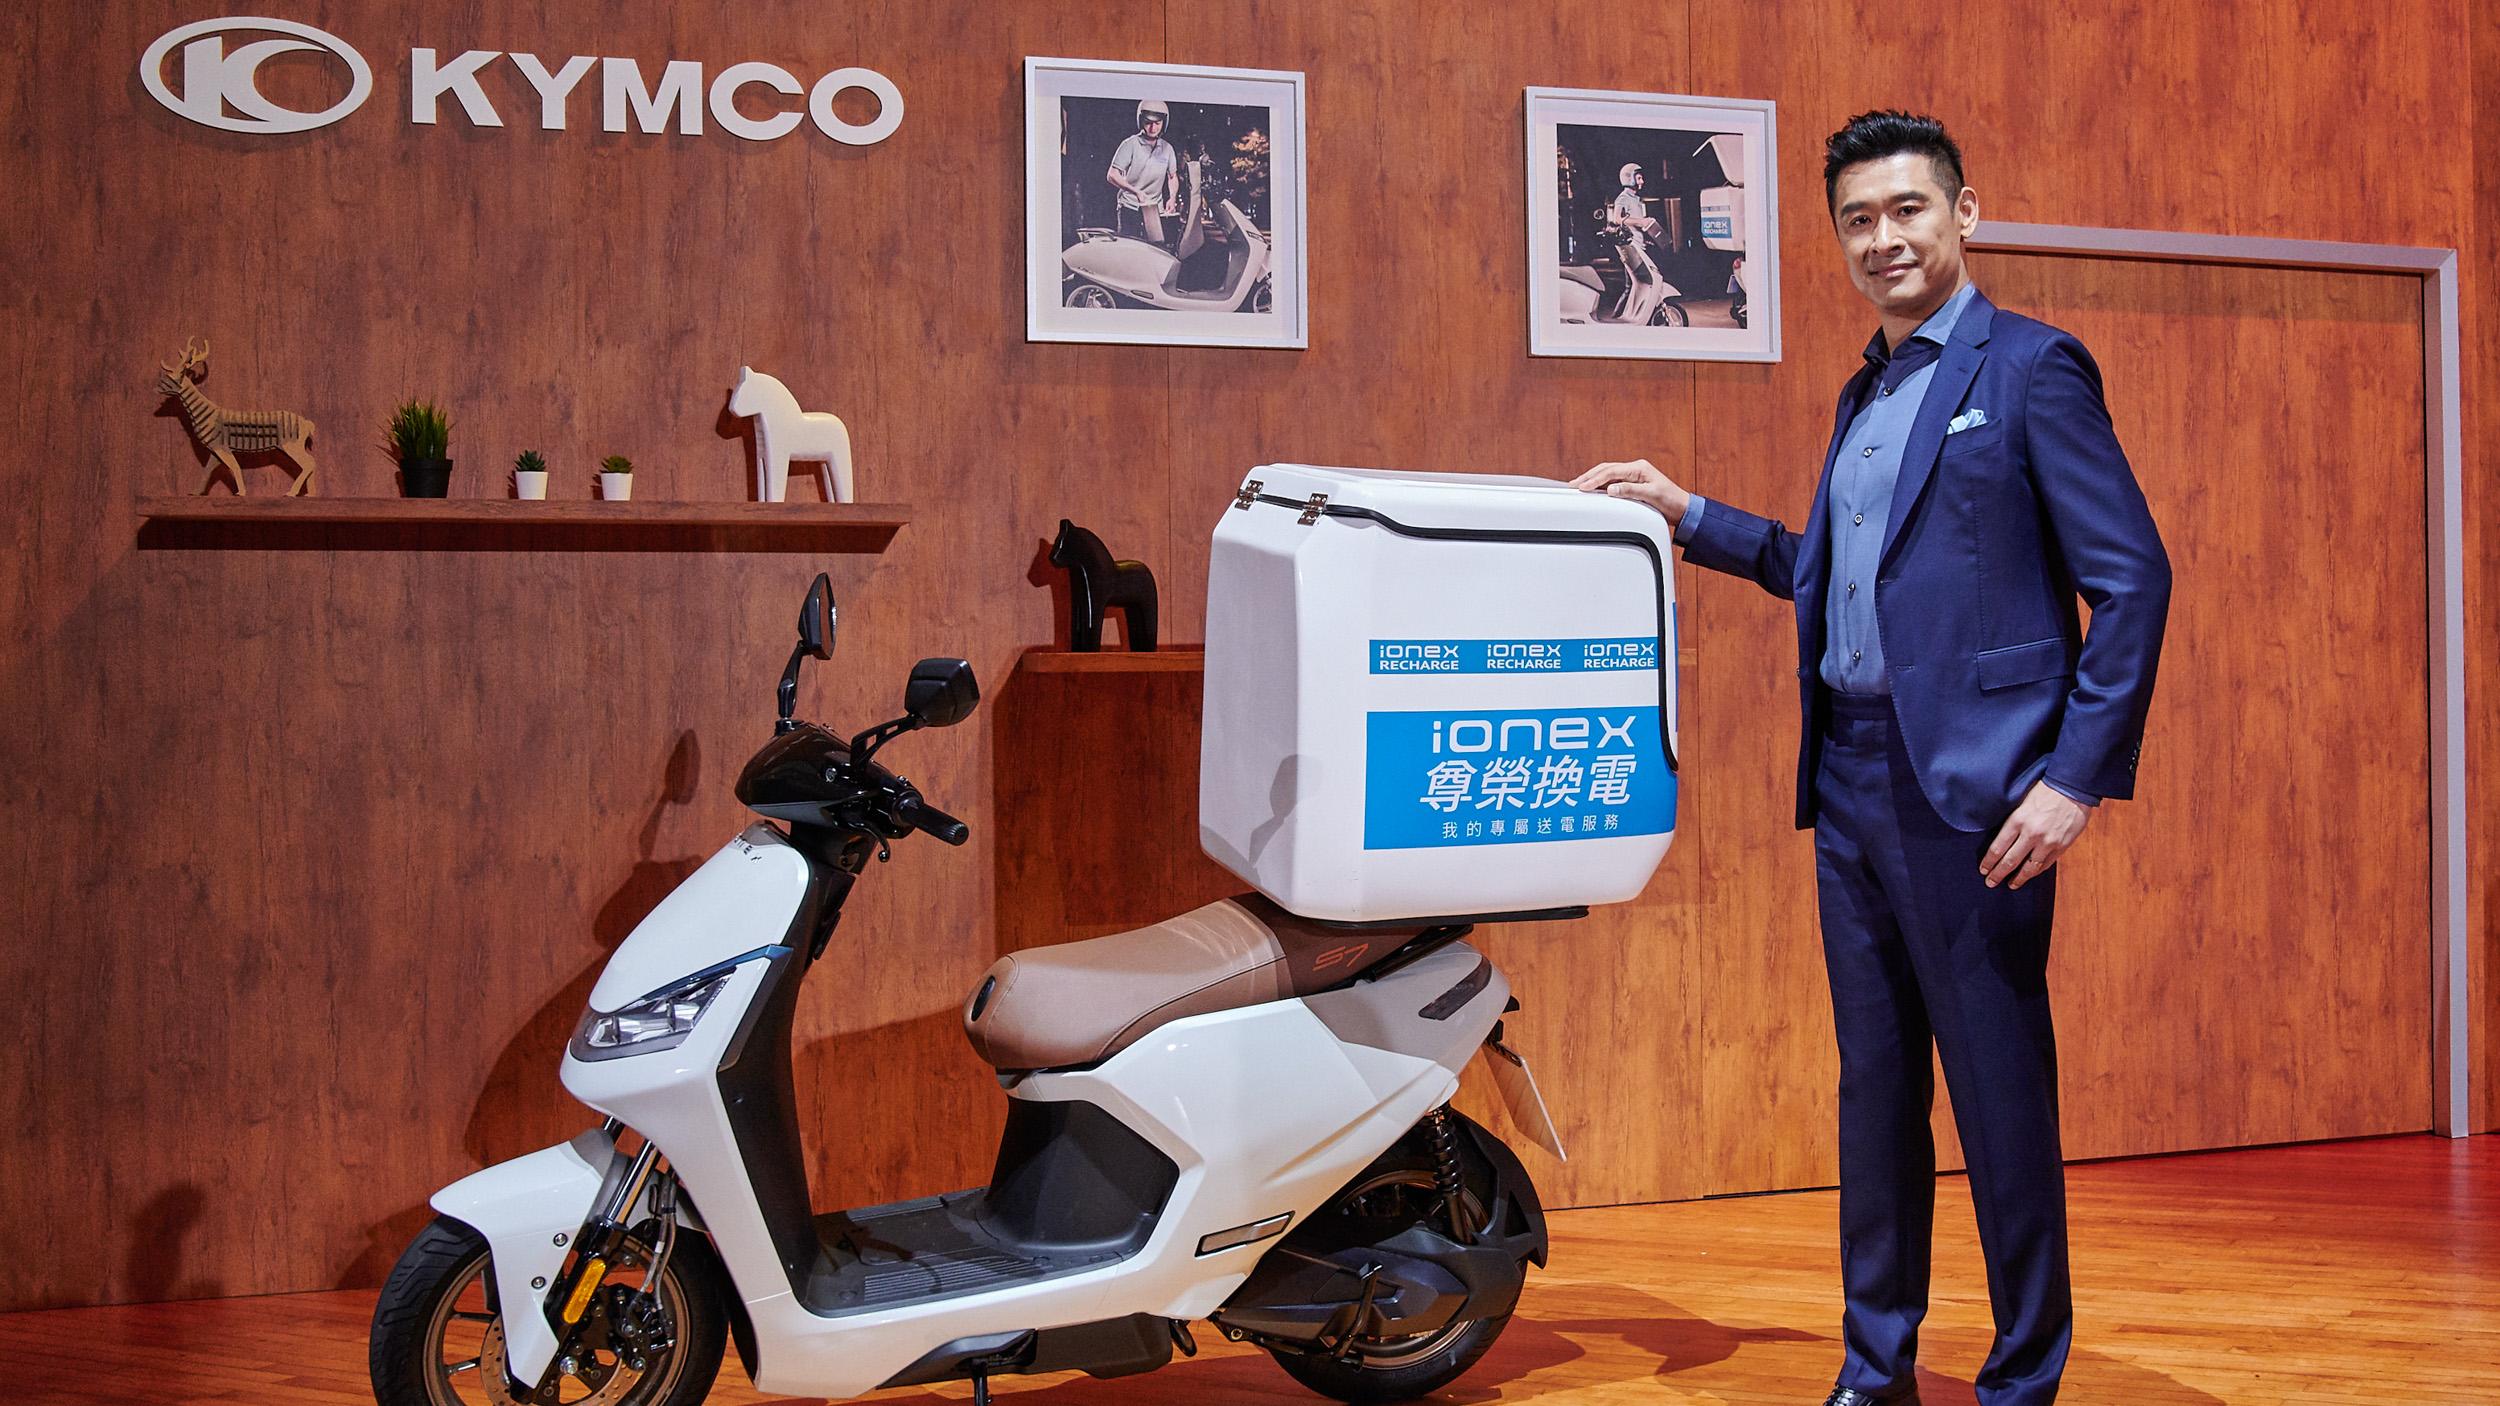 是噱頭還是真正滿足需求?KYMCO 柯勝峯董事長親自解密「Ionex 尊榮換電」服務!